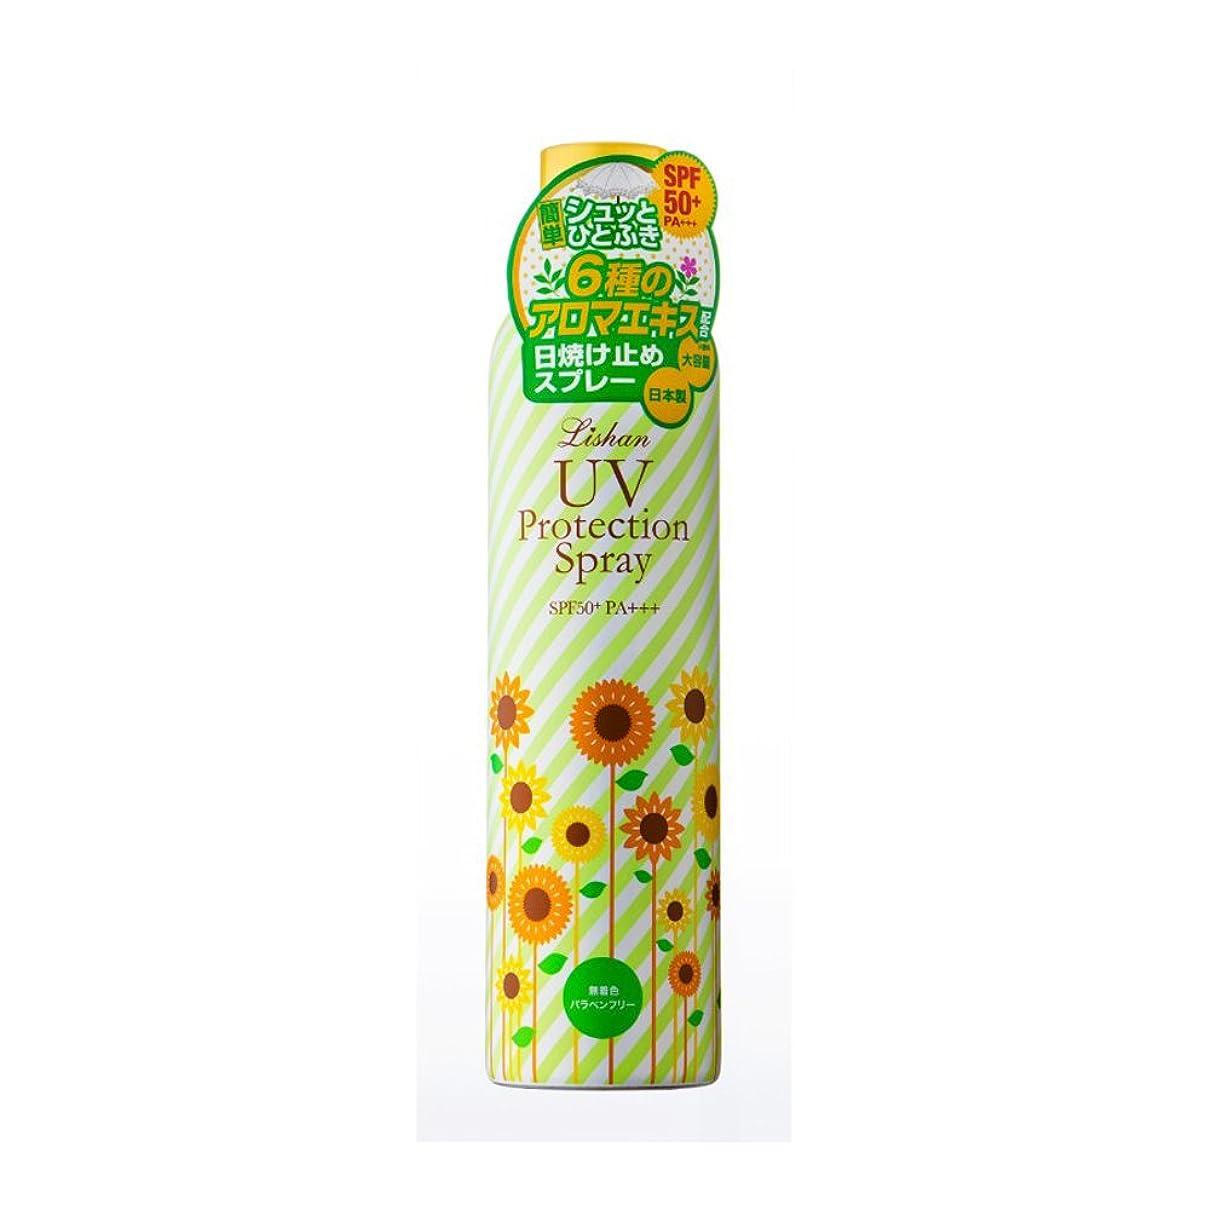 寝てる心のこもった憂鬱リシャン 大容量UVスプレー アロマミックスの香り (230g)